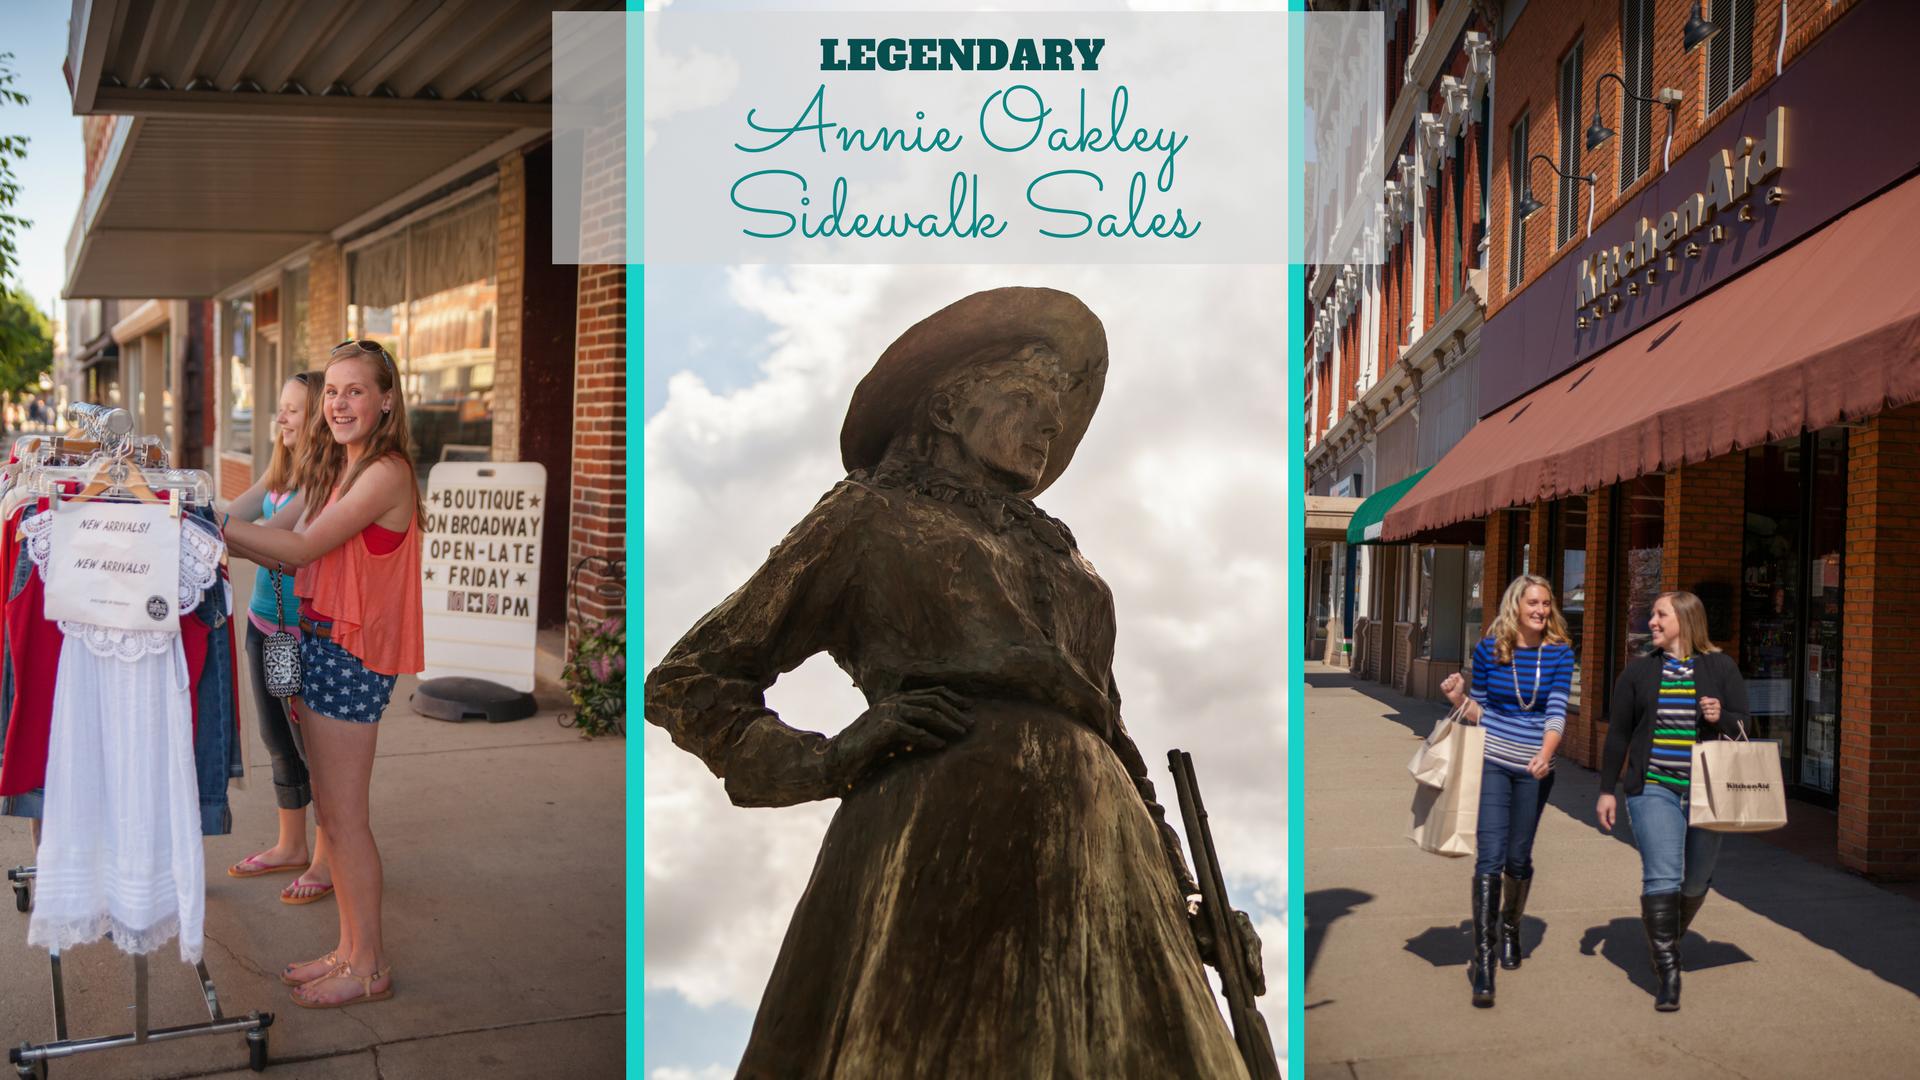 annie oakley sidewalk sale 2014